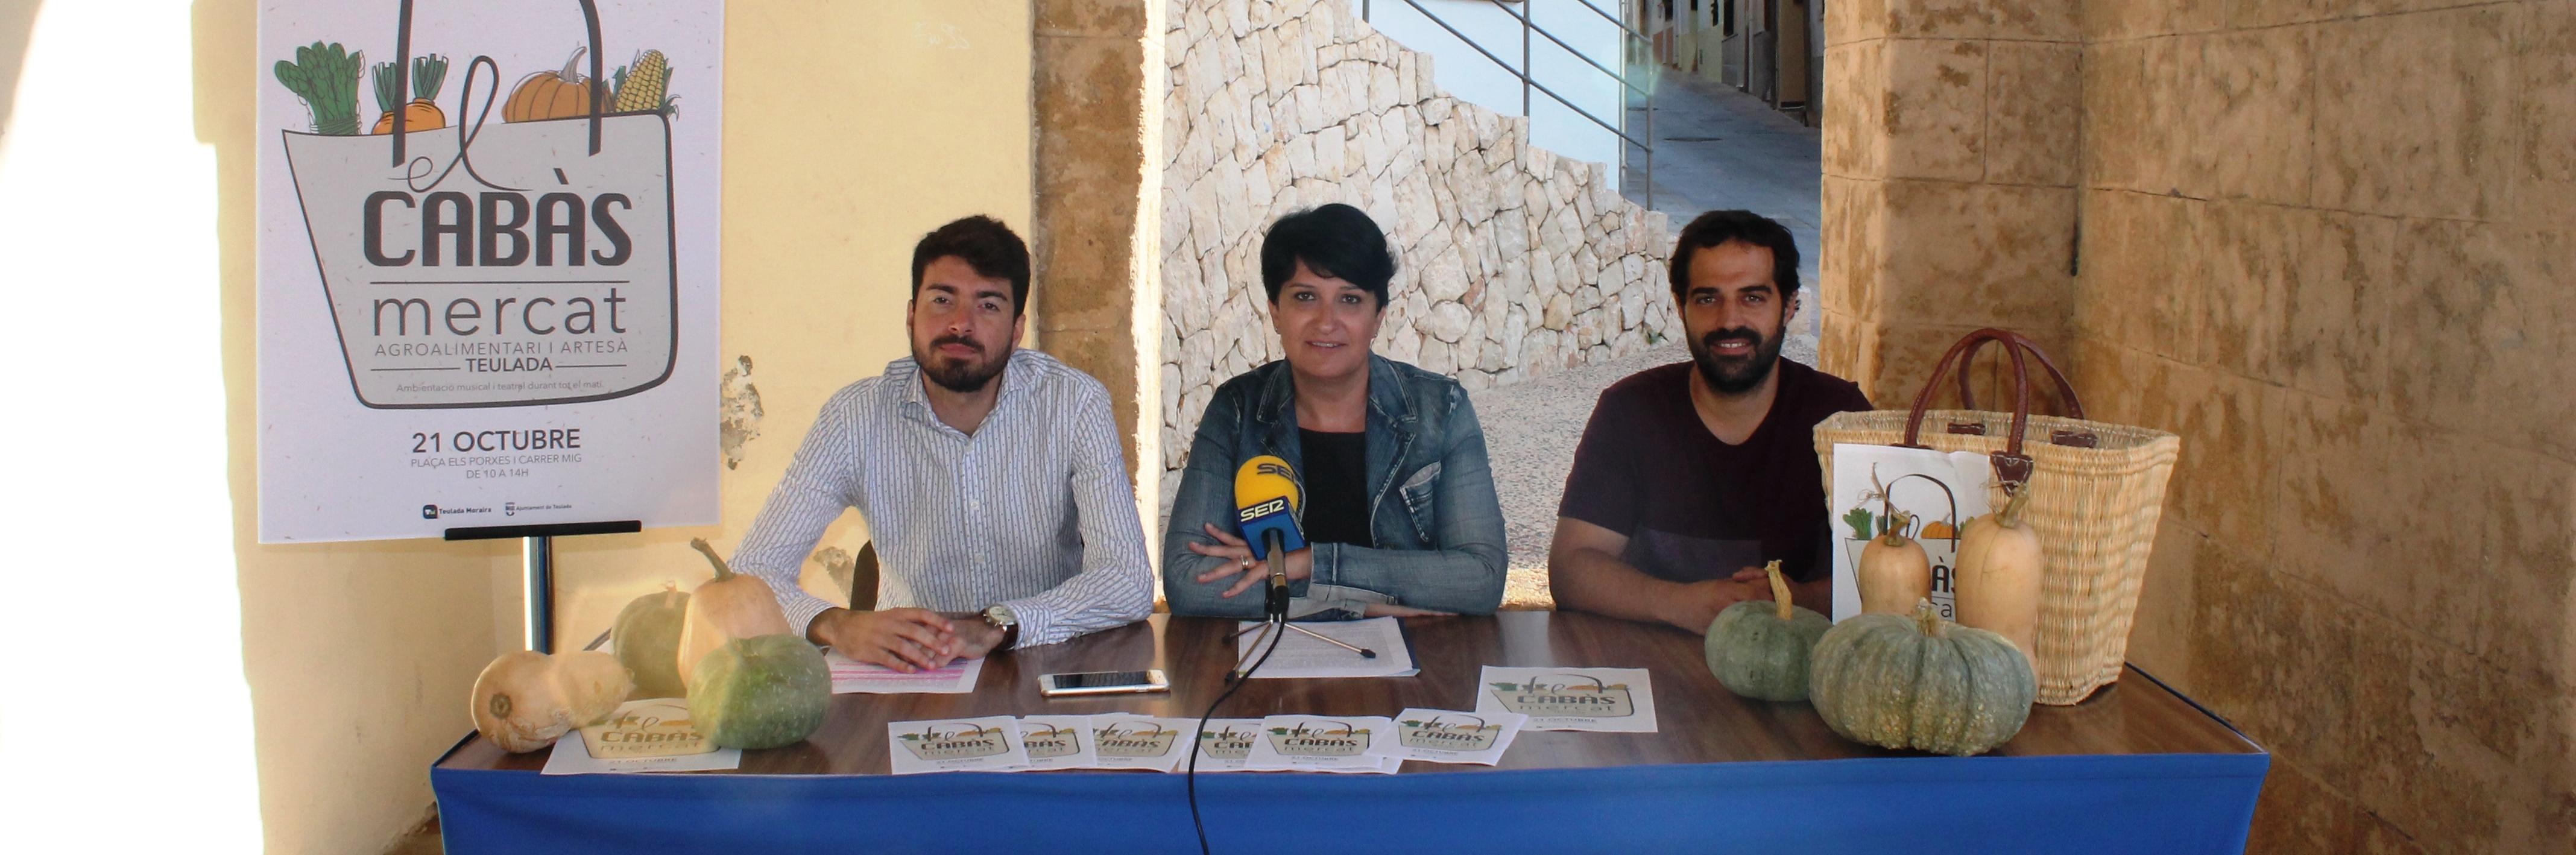 Reportajes Archivos El Mirall De La Marina # Muebles Segunda Mano Teulada